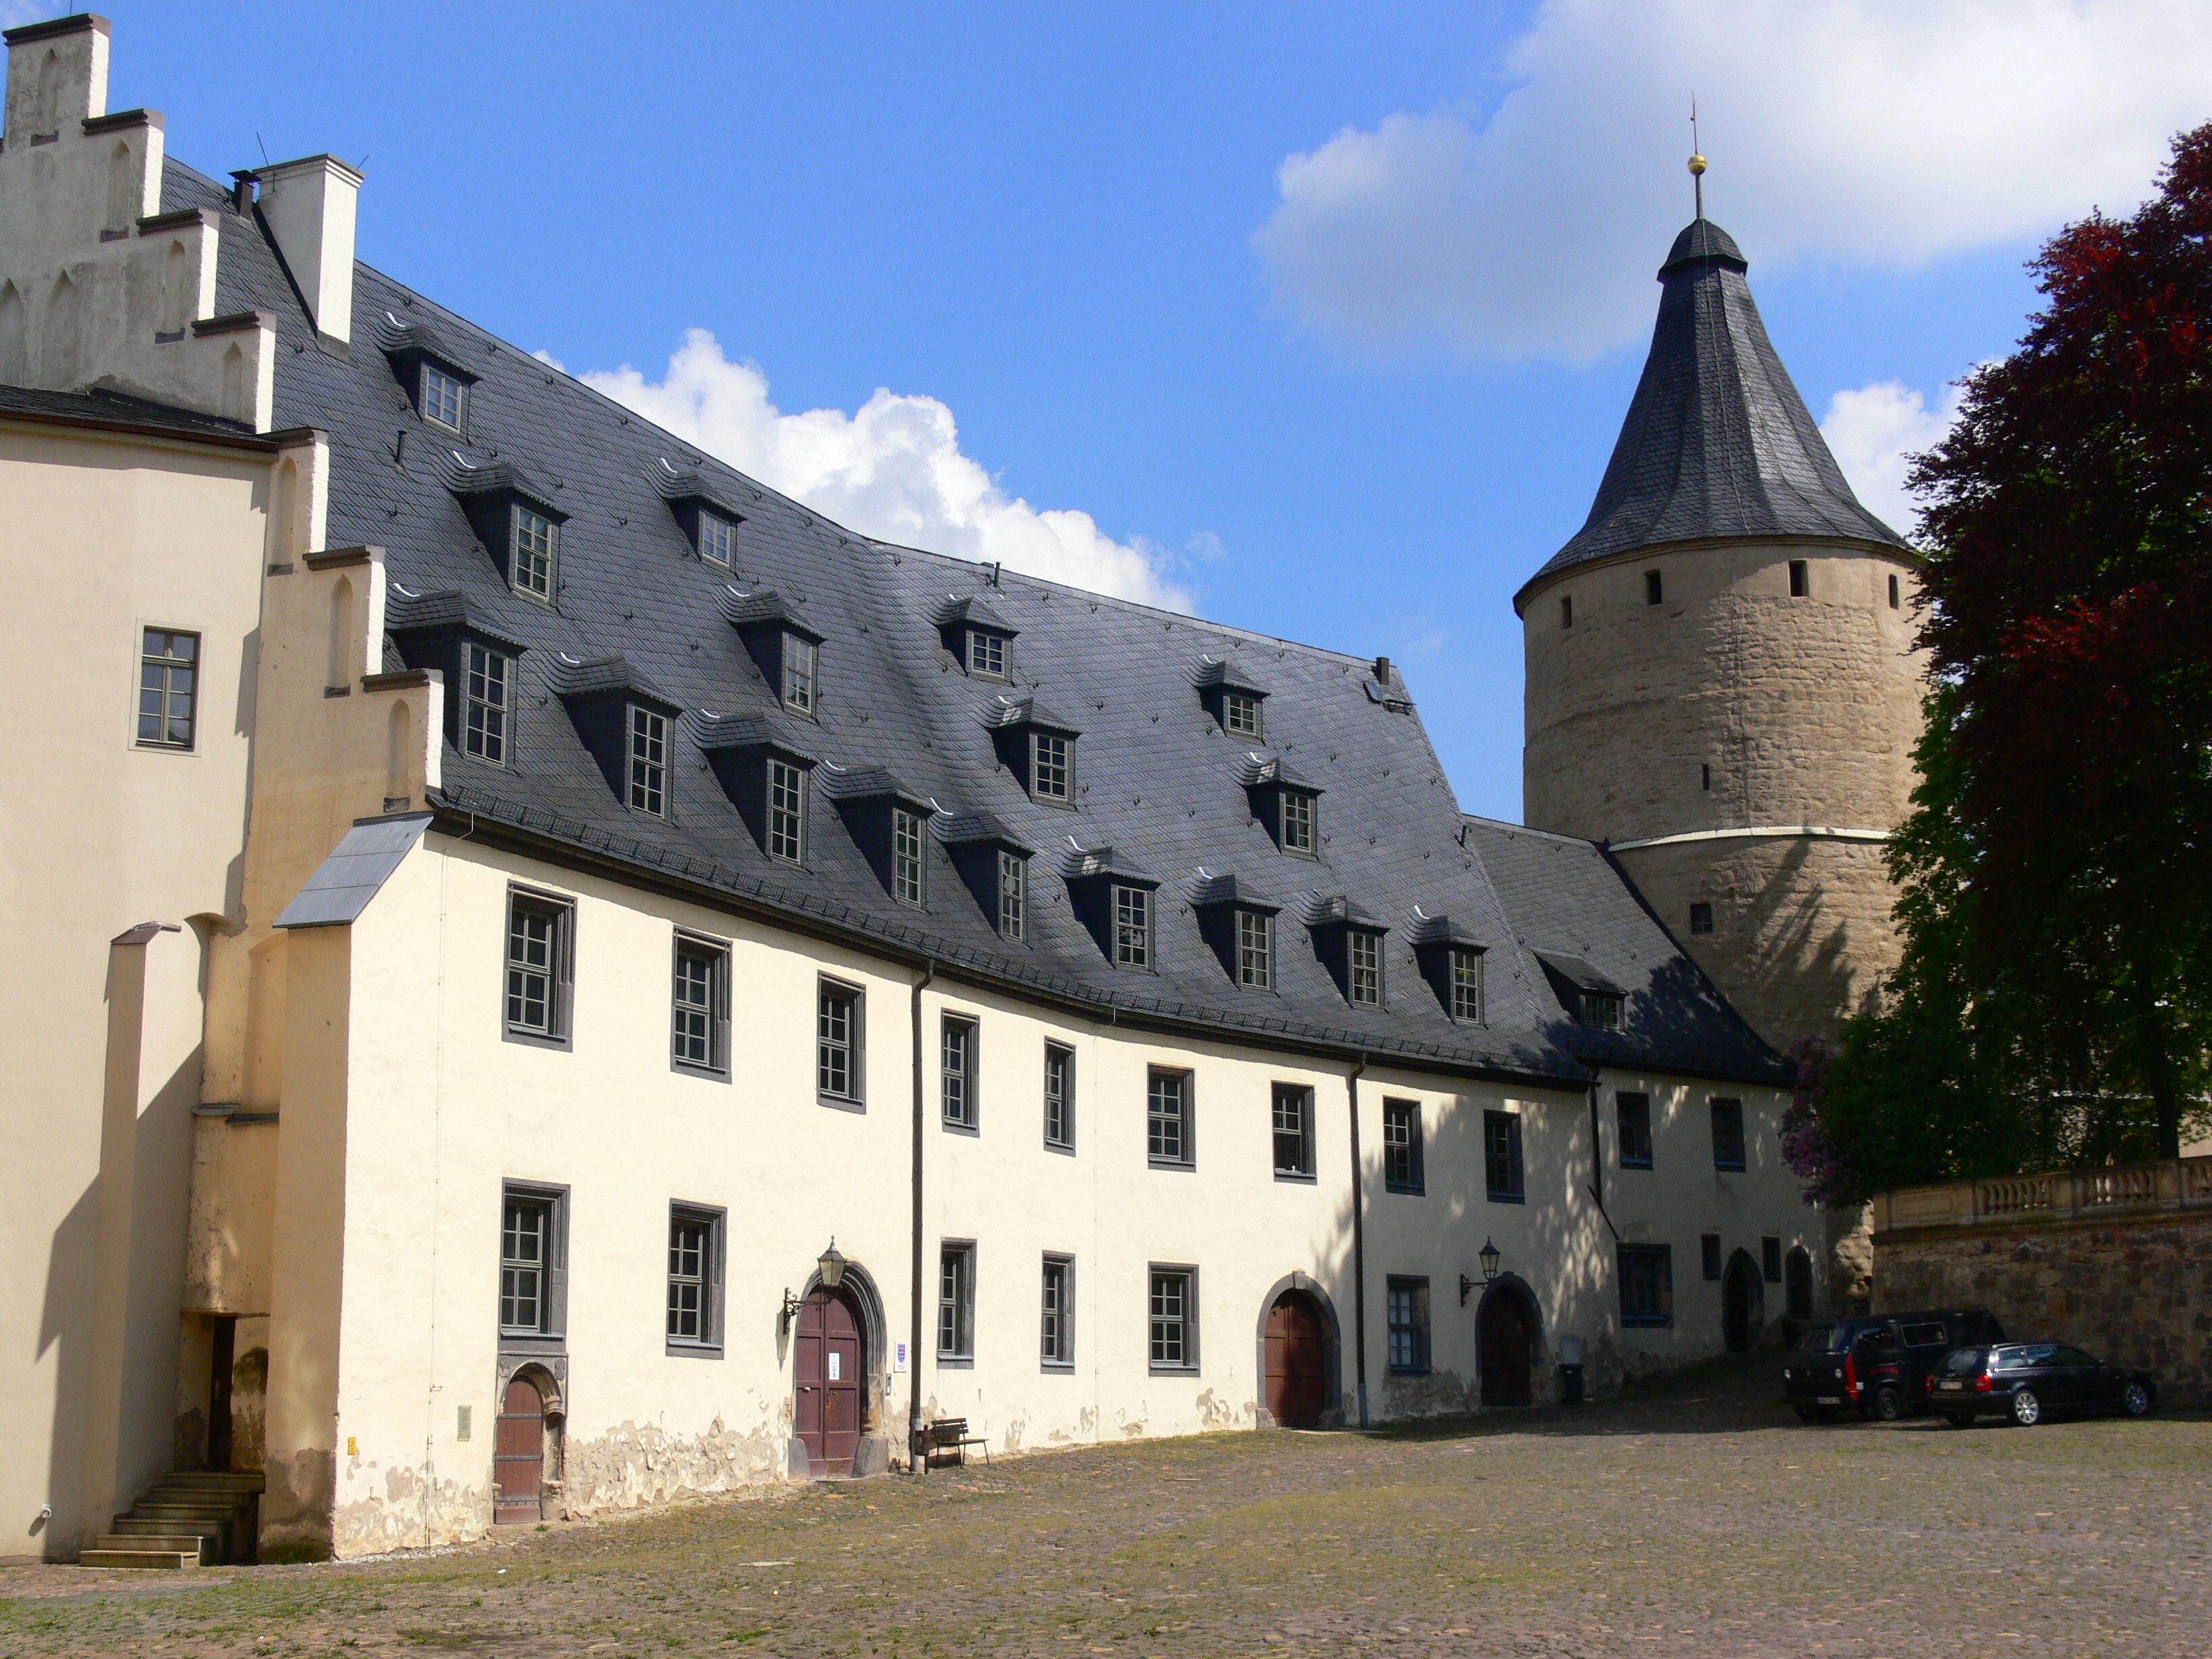 Single aus altenburg 1-Zimmer Wohnung Altenburg: 1-Zimmer Wohnungen mieten, kaufen